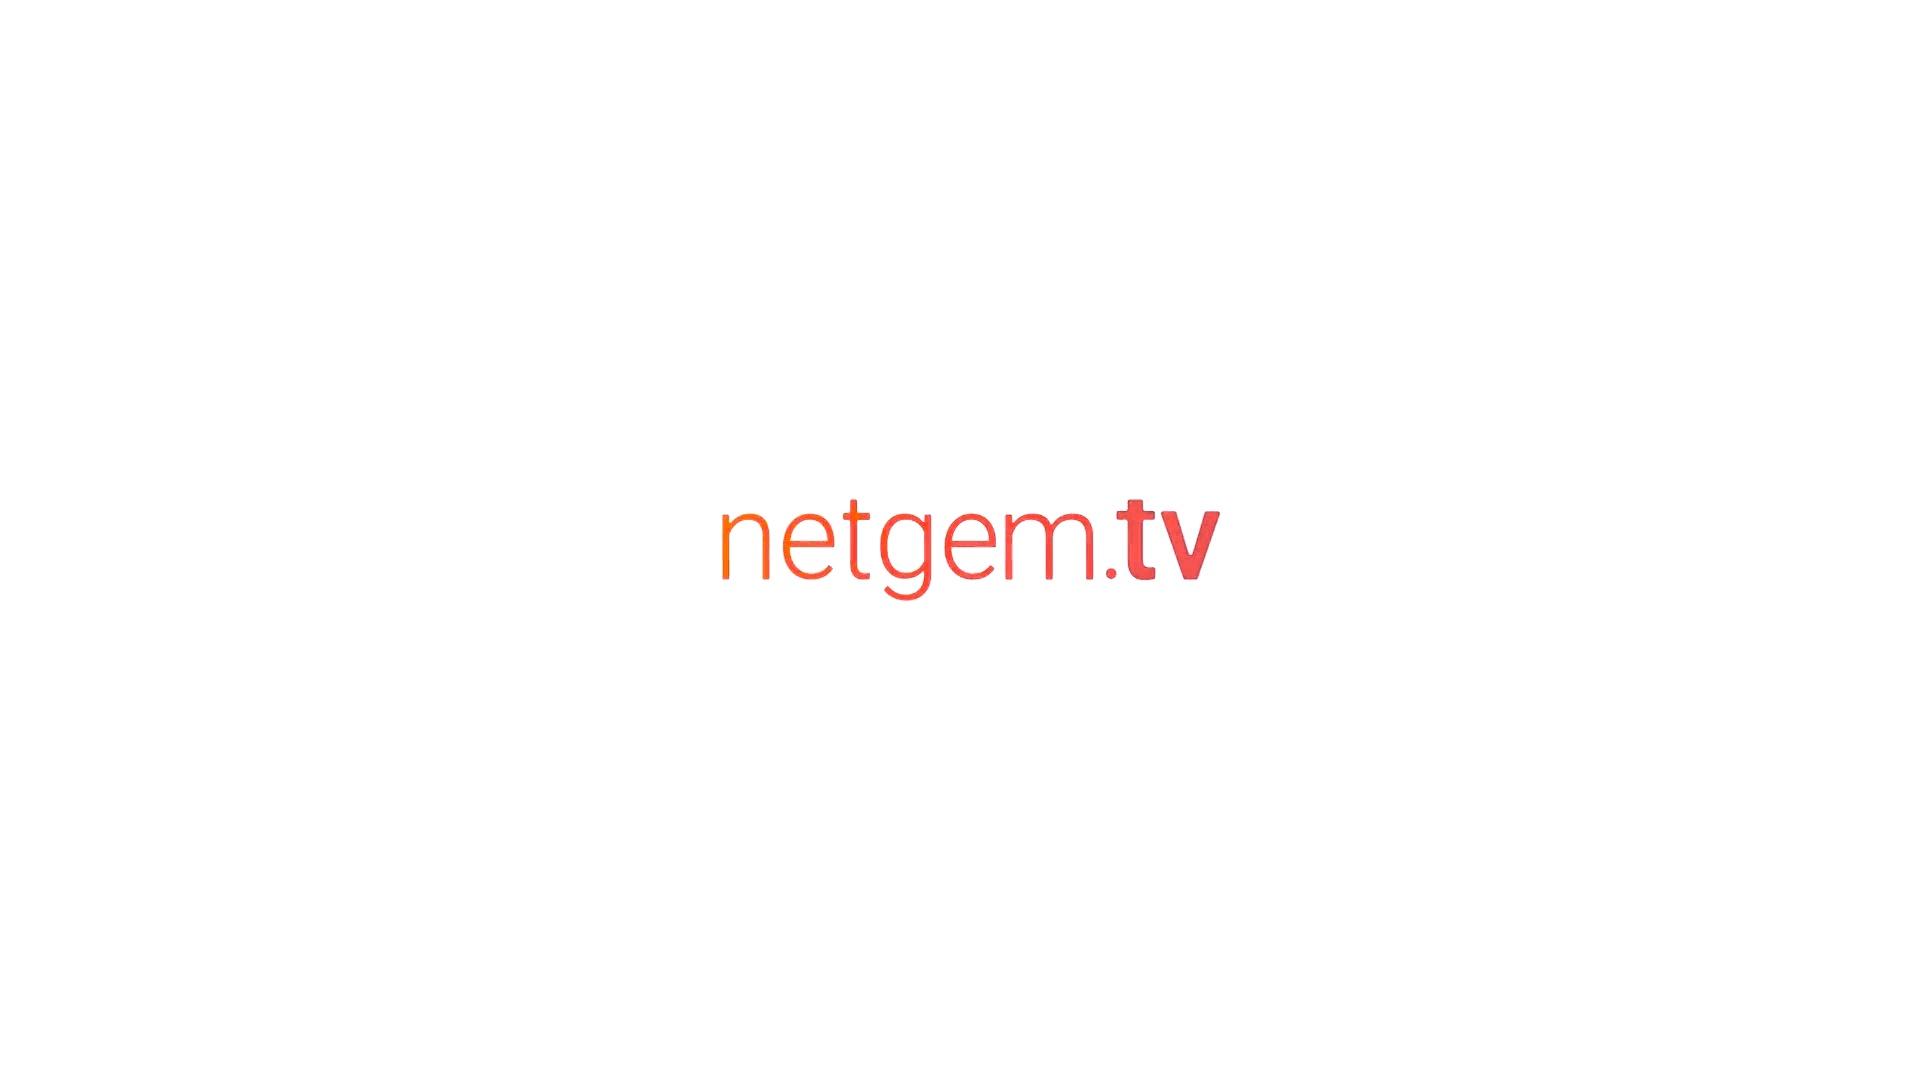 2019 @Netgem : les nouveaux moteurs de #croissance #ftth #tvconnect #homeconnect